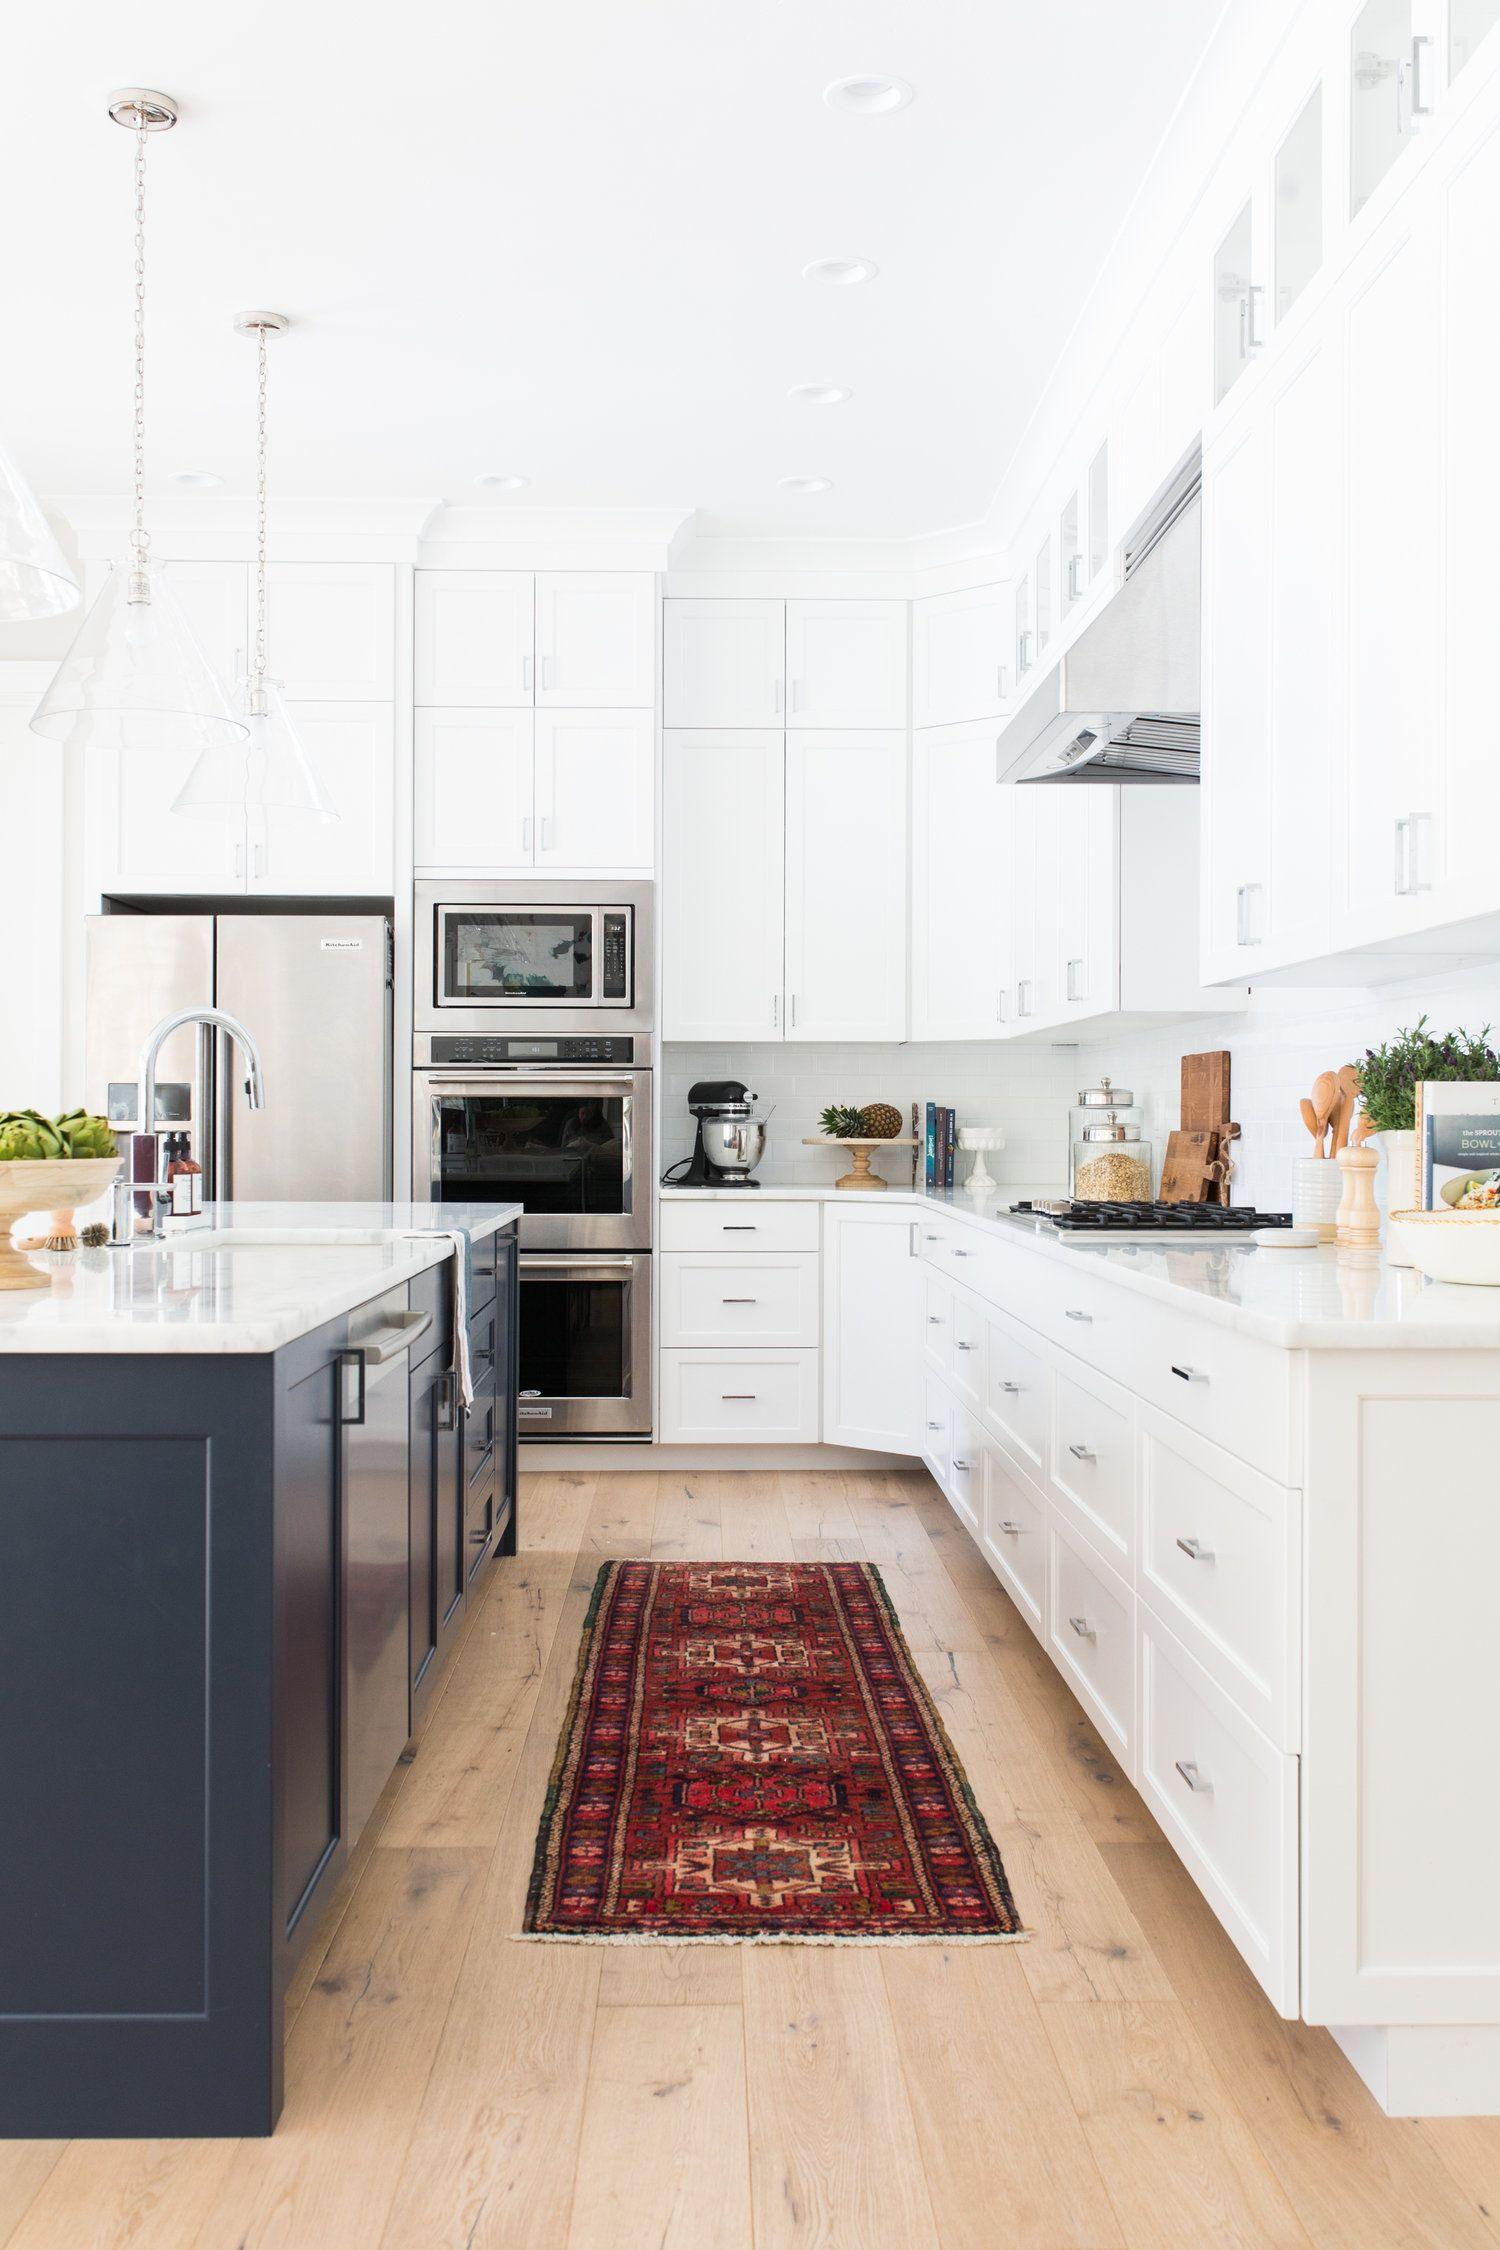 How to Warm Up your Kitchen Kitchen design, Kitchen